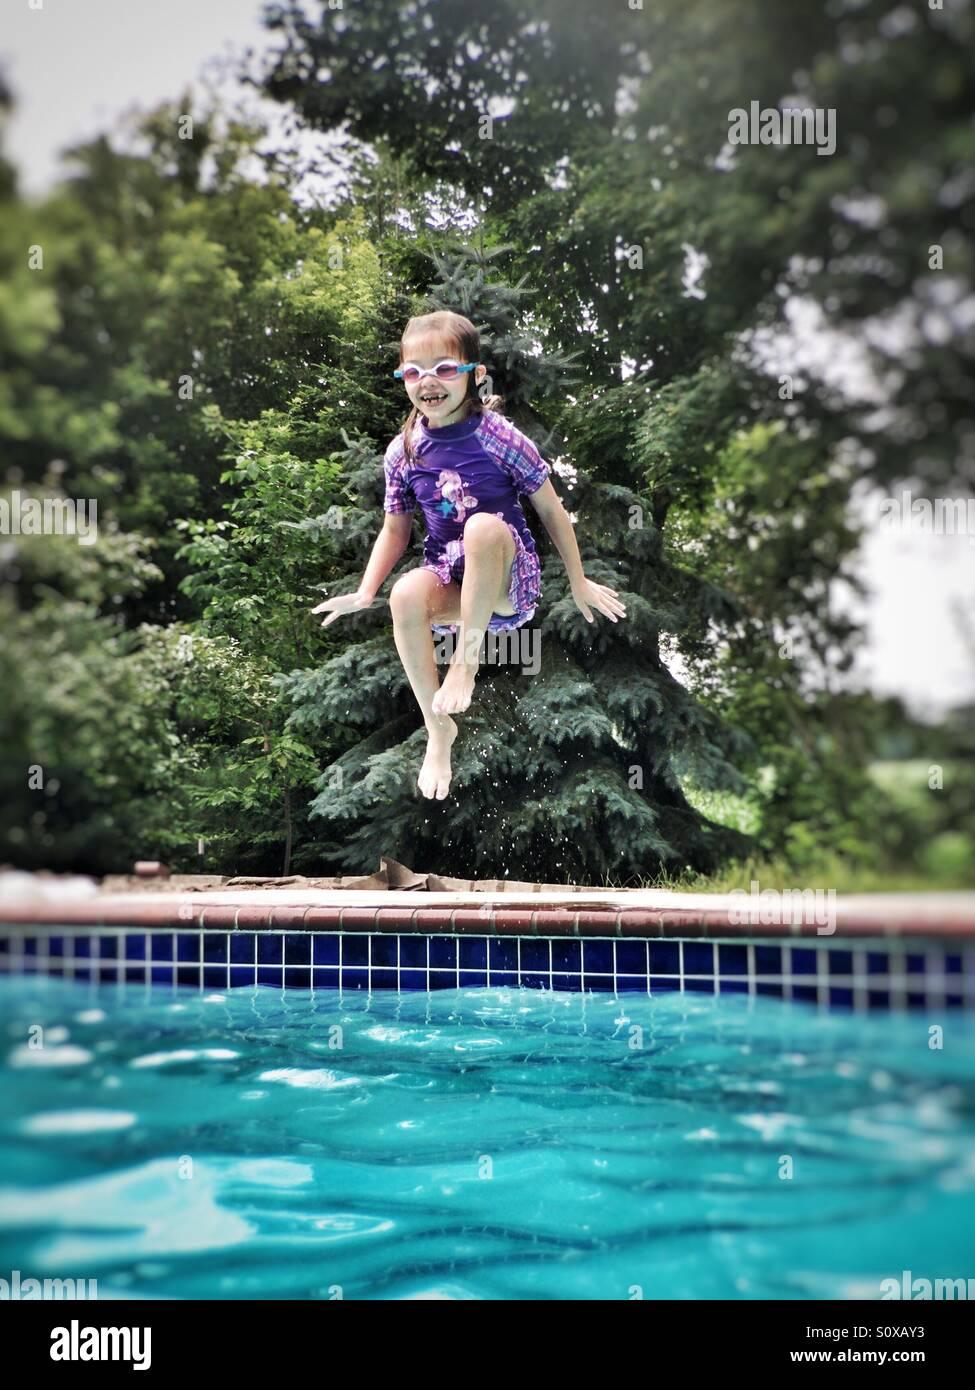 Girl costume violet et des lunettes de natation de sauter dans une piscine Photo Stock